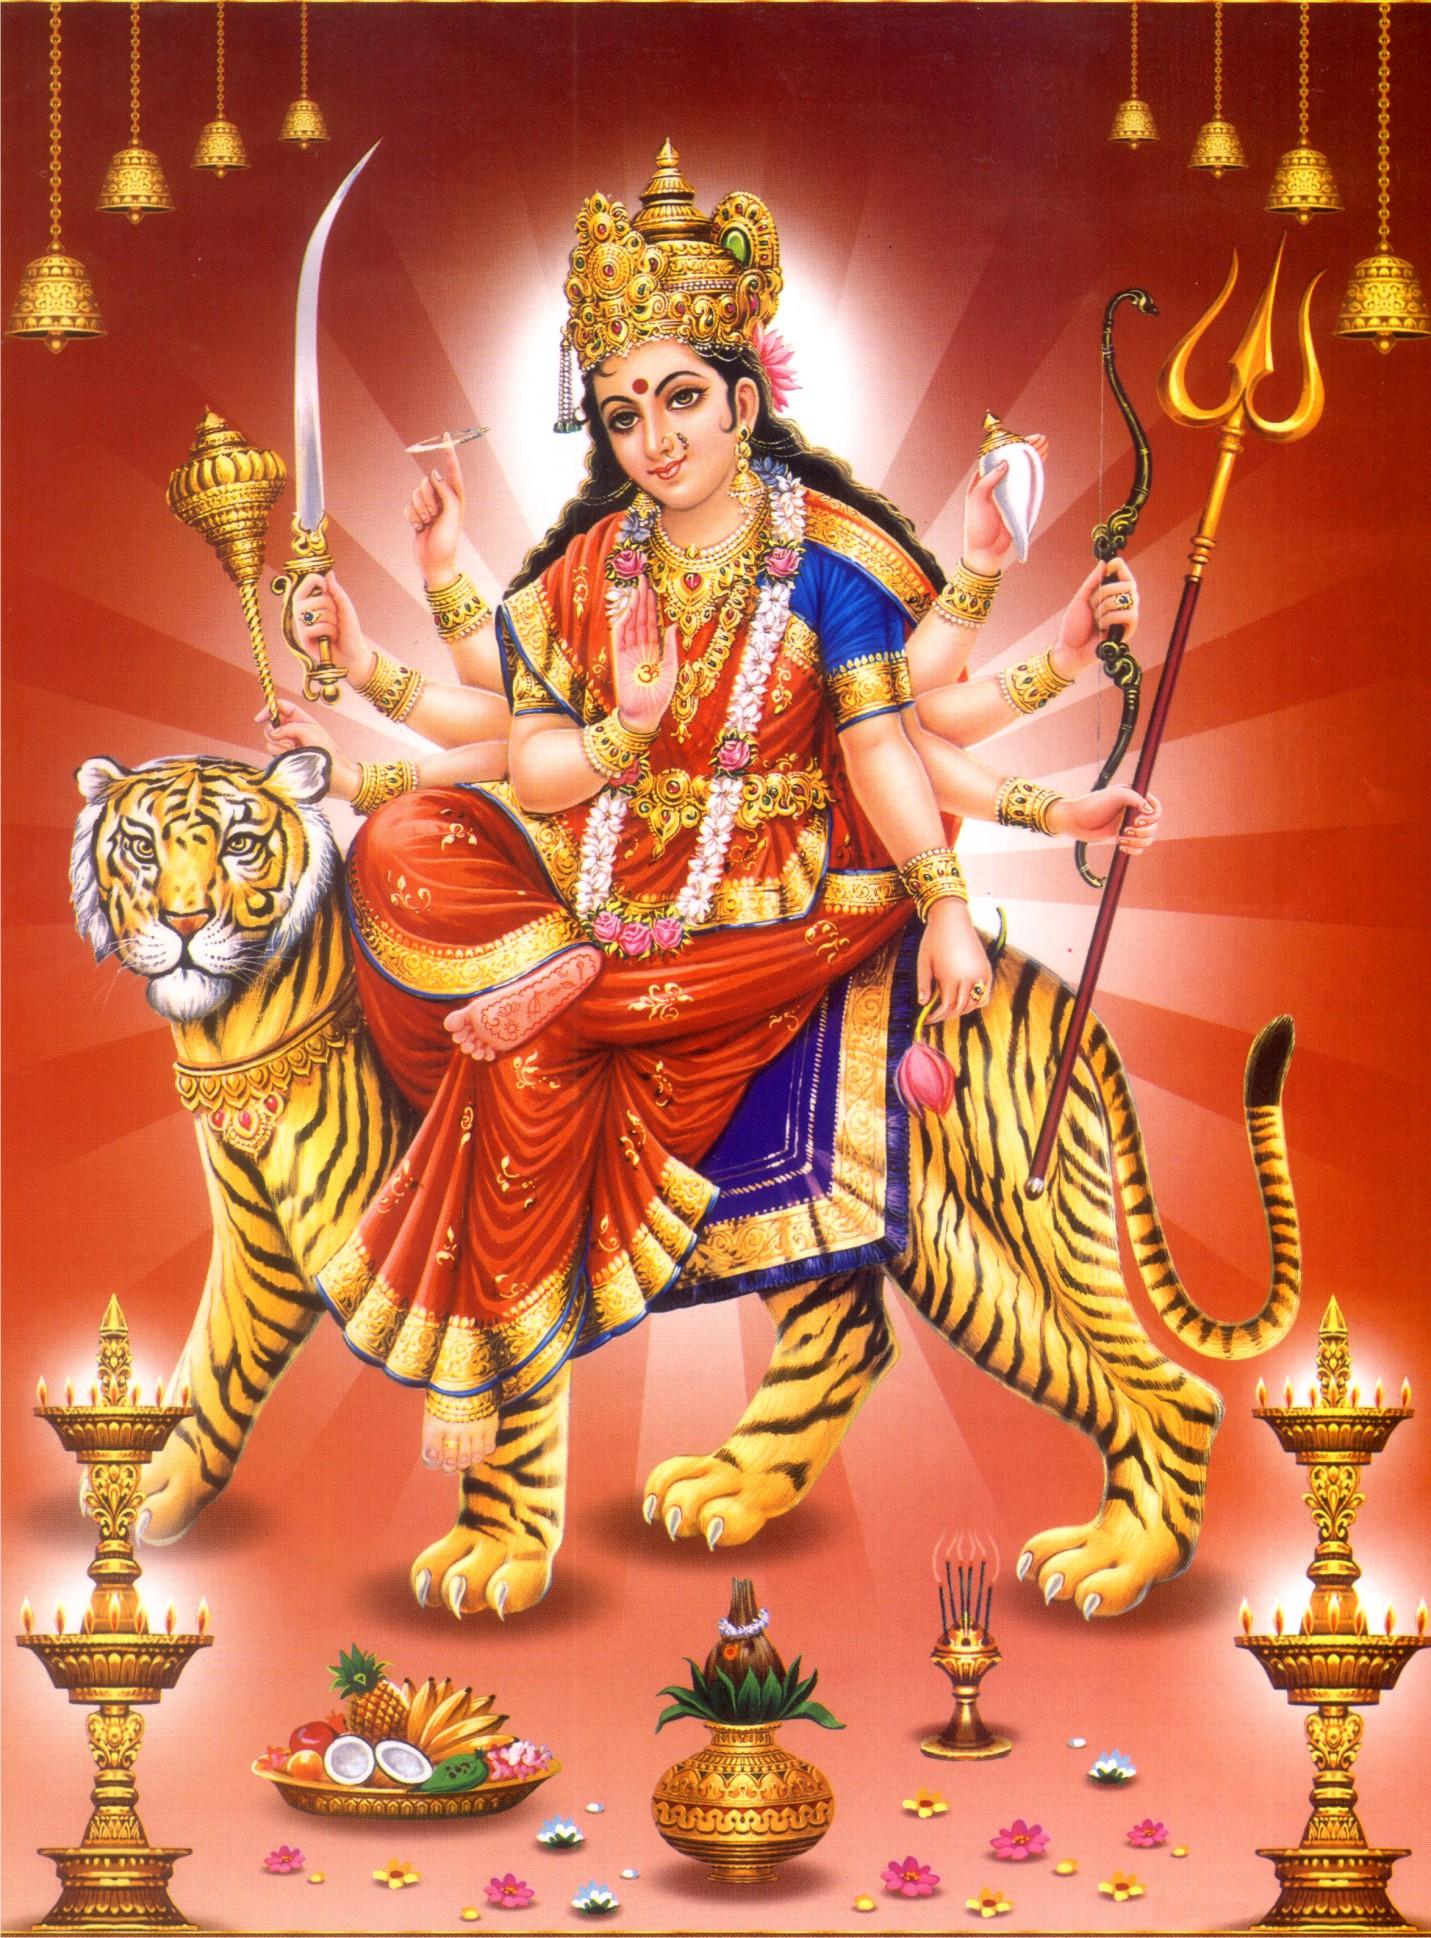 नवरात्र पर विशेष- दुर्गा के नौ रूप